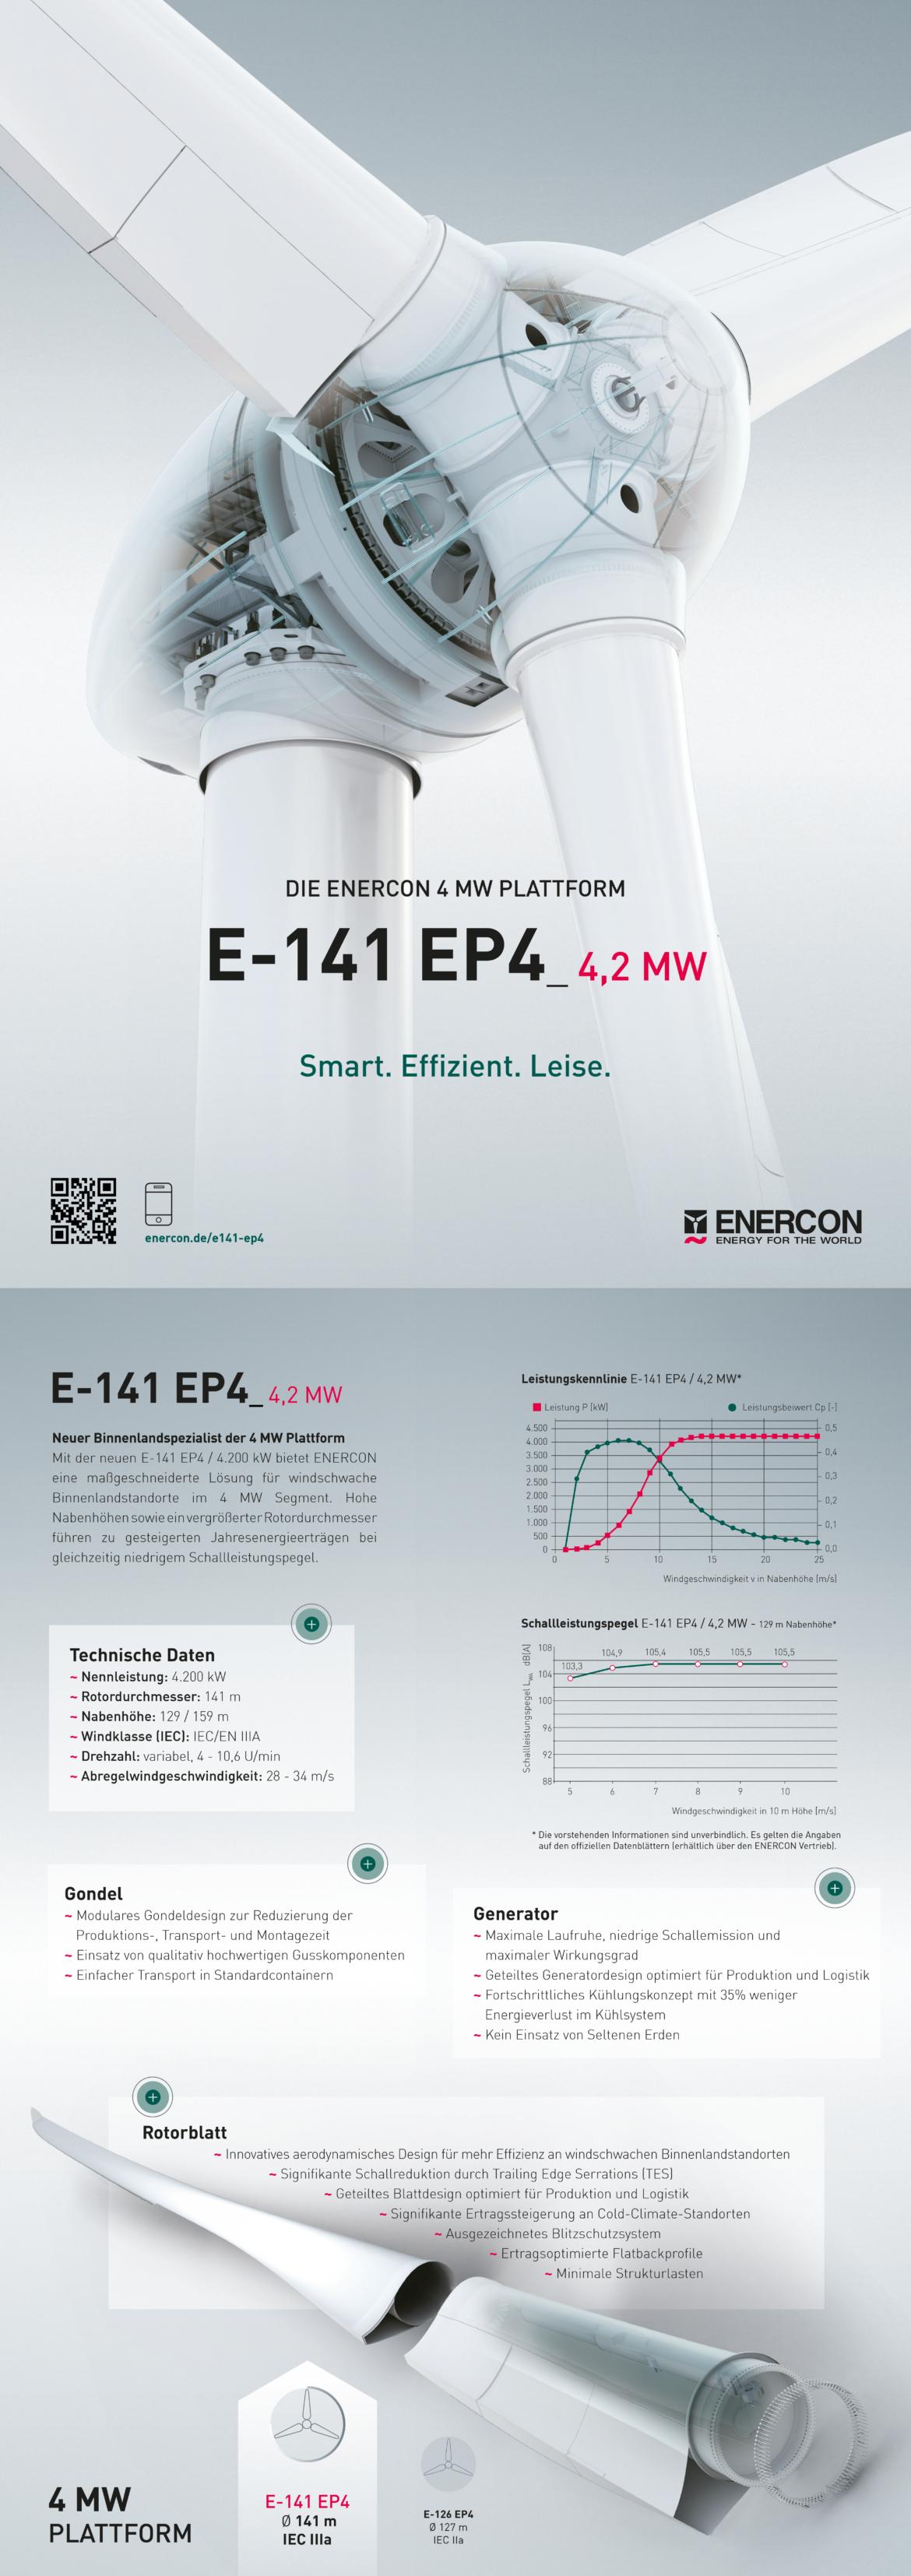 Datenblatt-E-141-1-Windenergie-Gerichtstetten.png